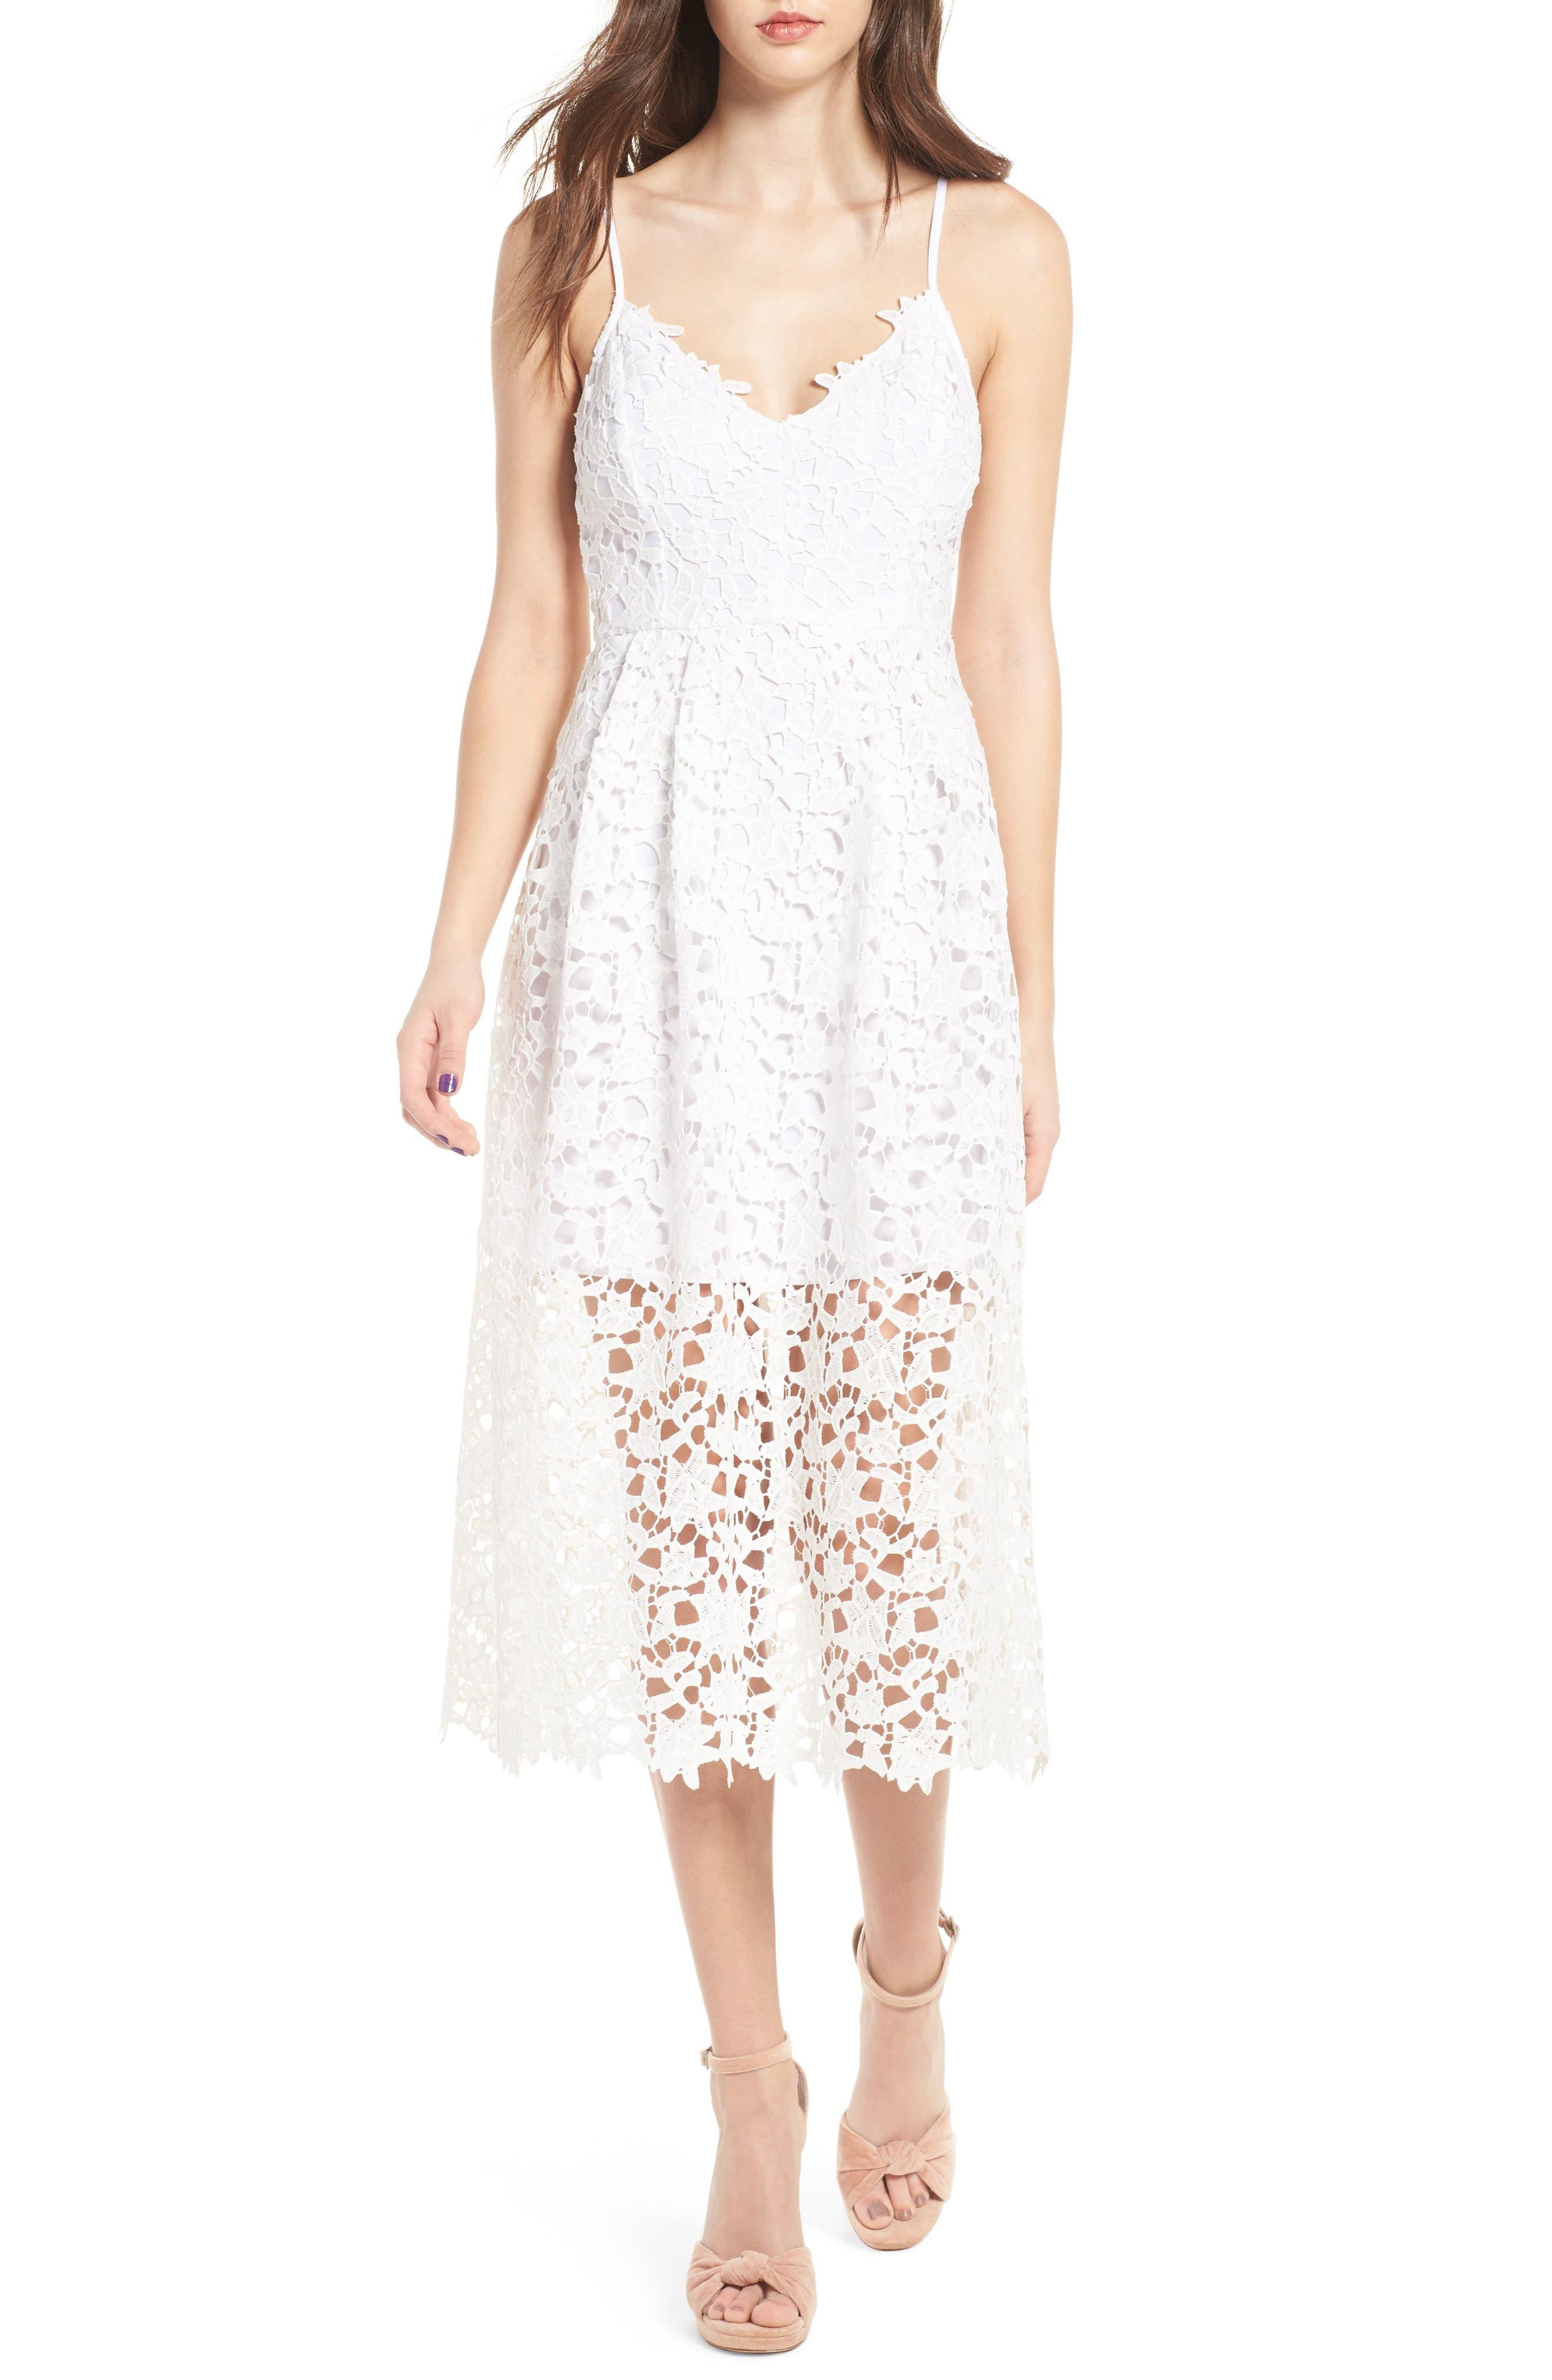 White Dresses for Women